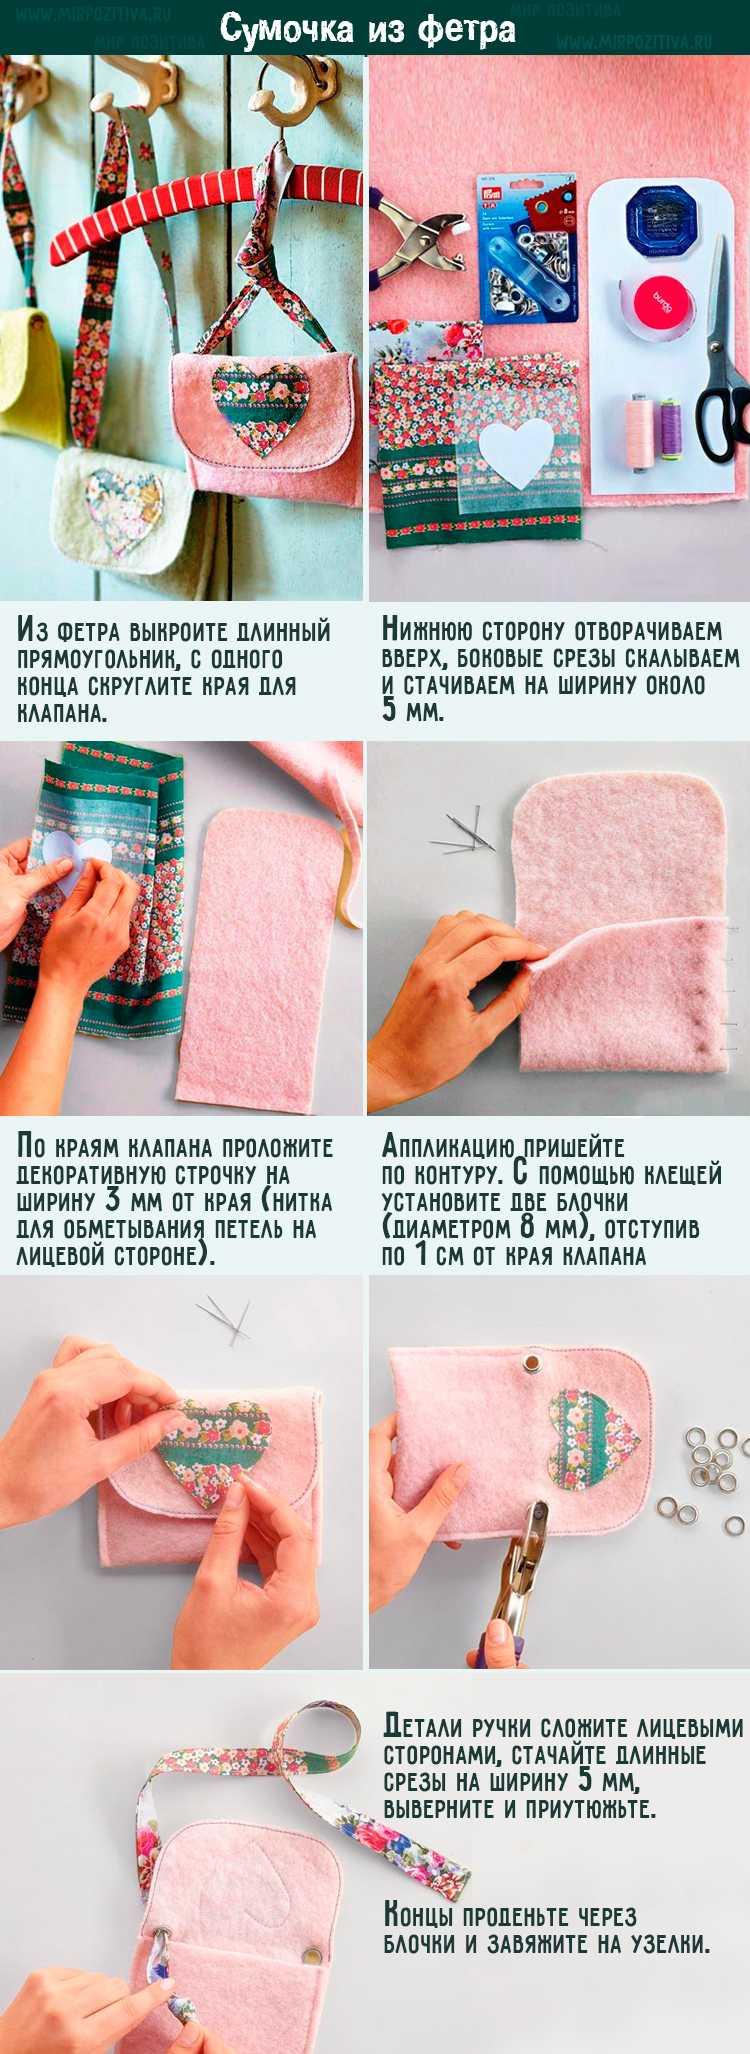 Мастер-классы по рукоделию - пошаговая инструкция как сделать стильные и красивые поделки (110 фото)